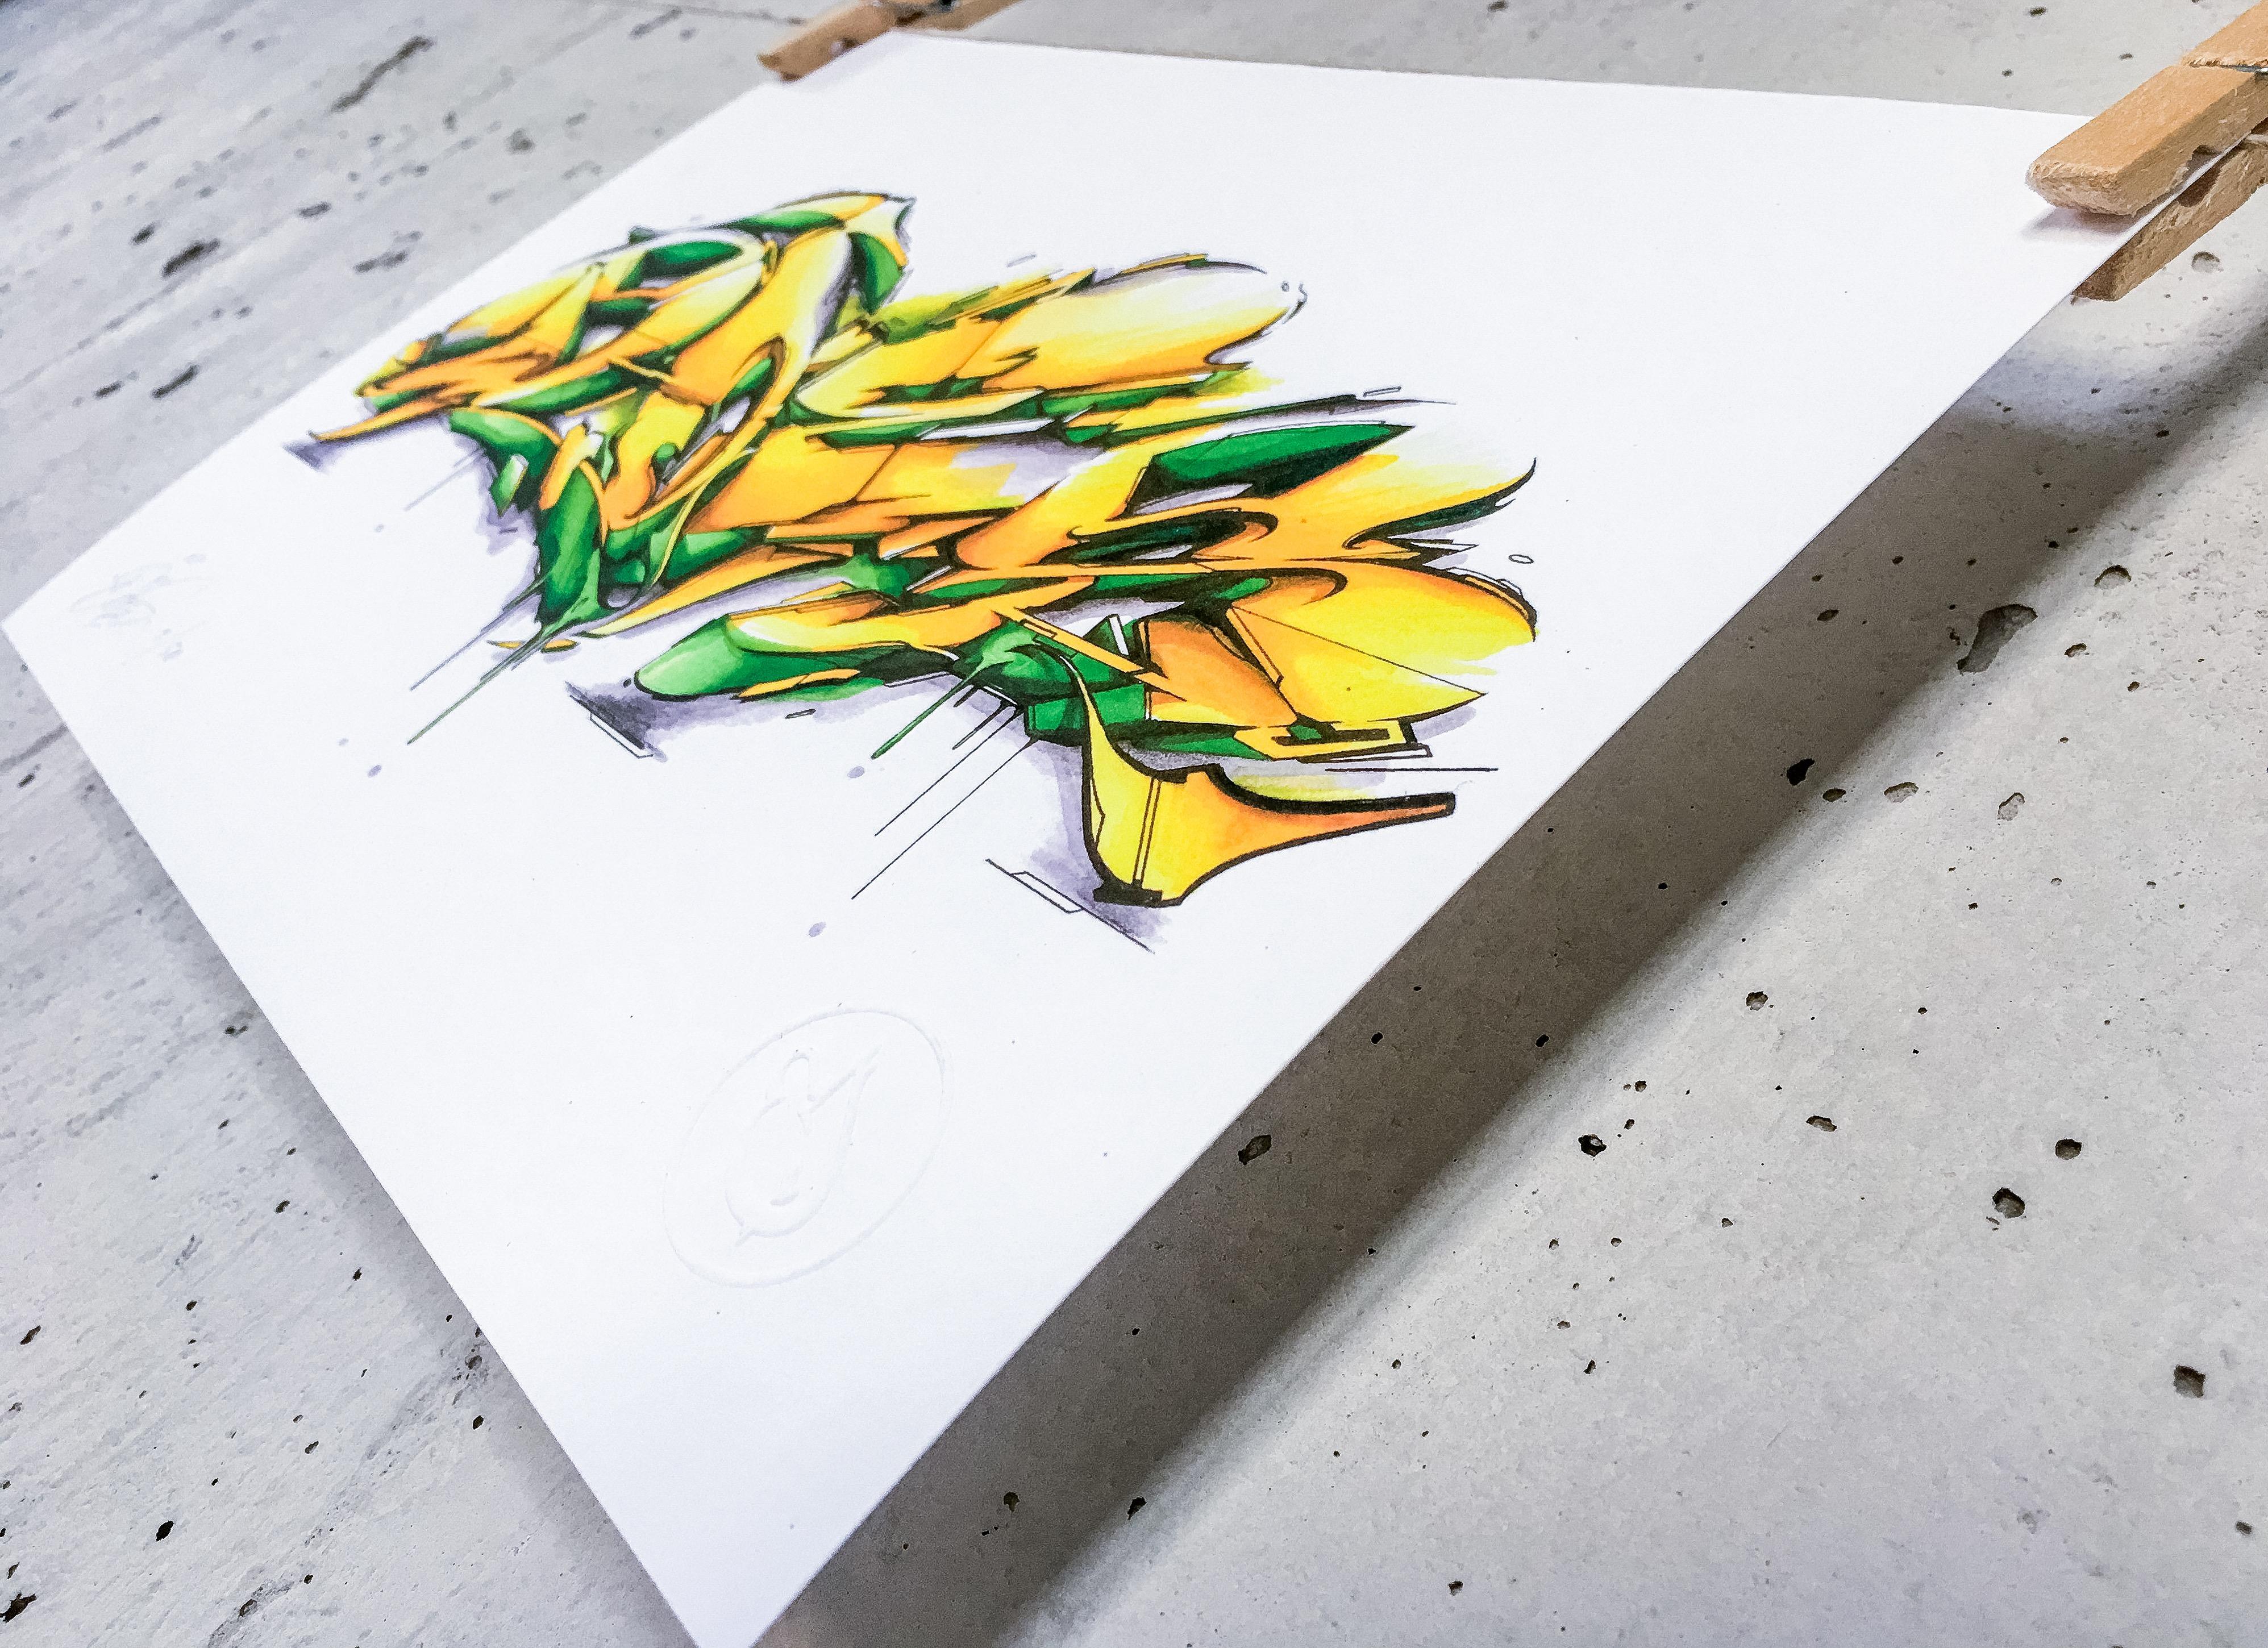 A work by Does - bewerkt 2-smaller